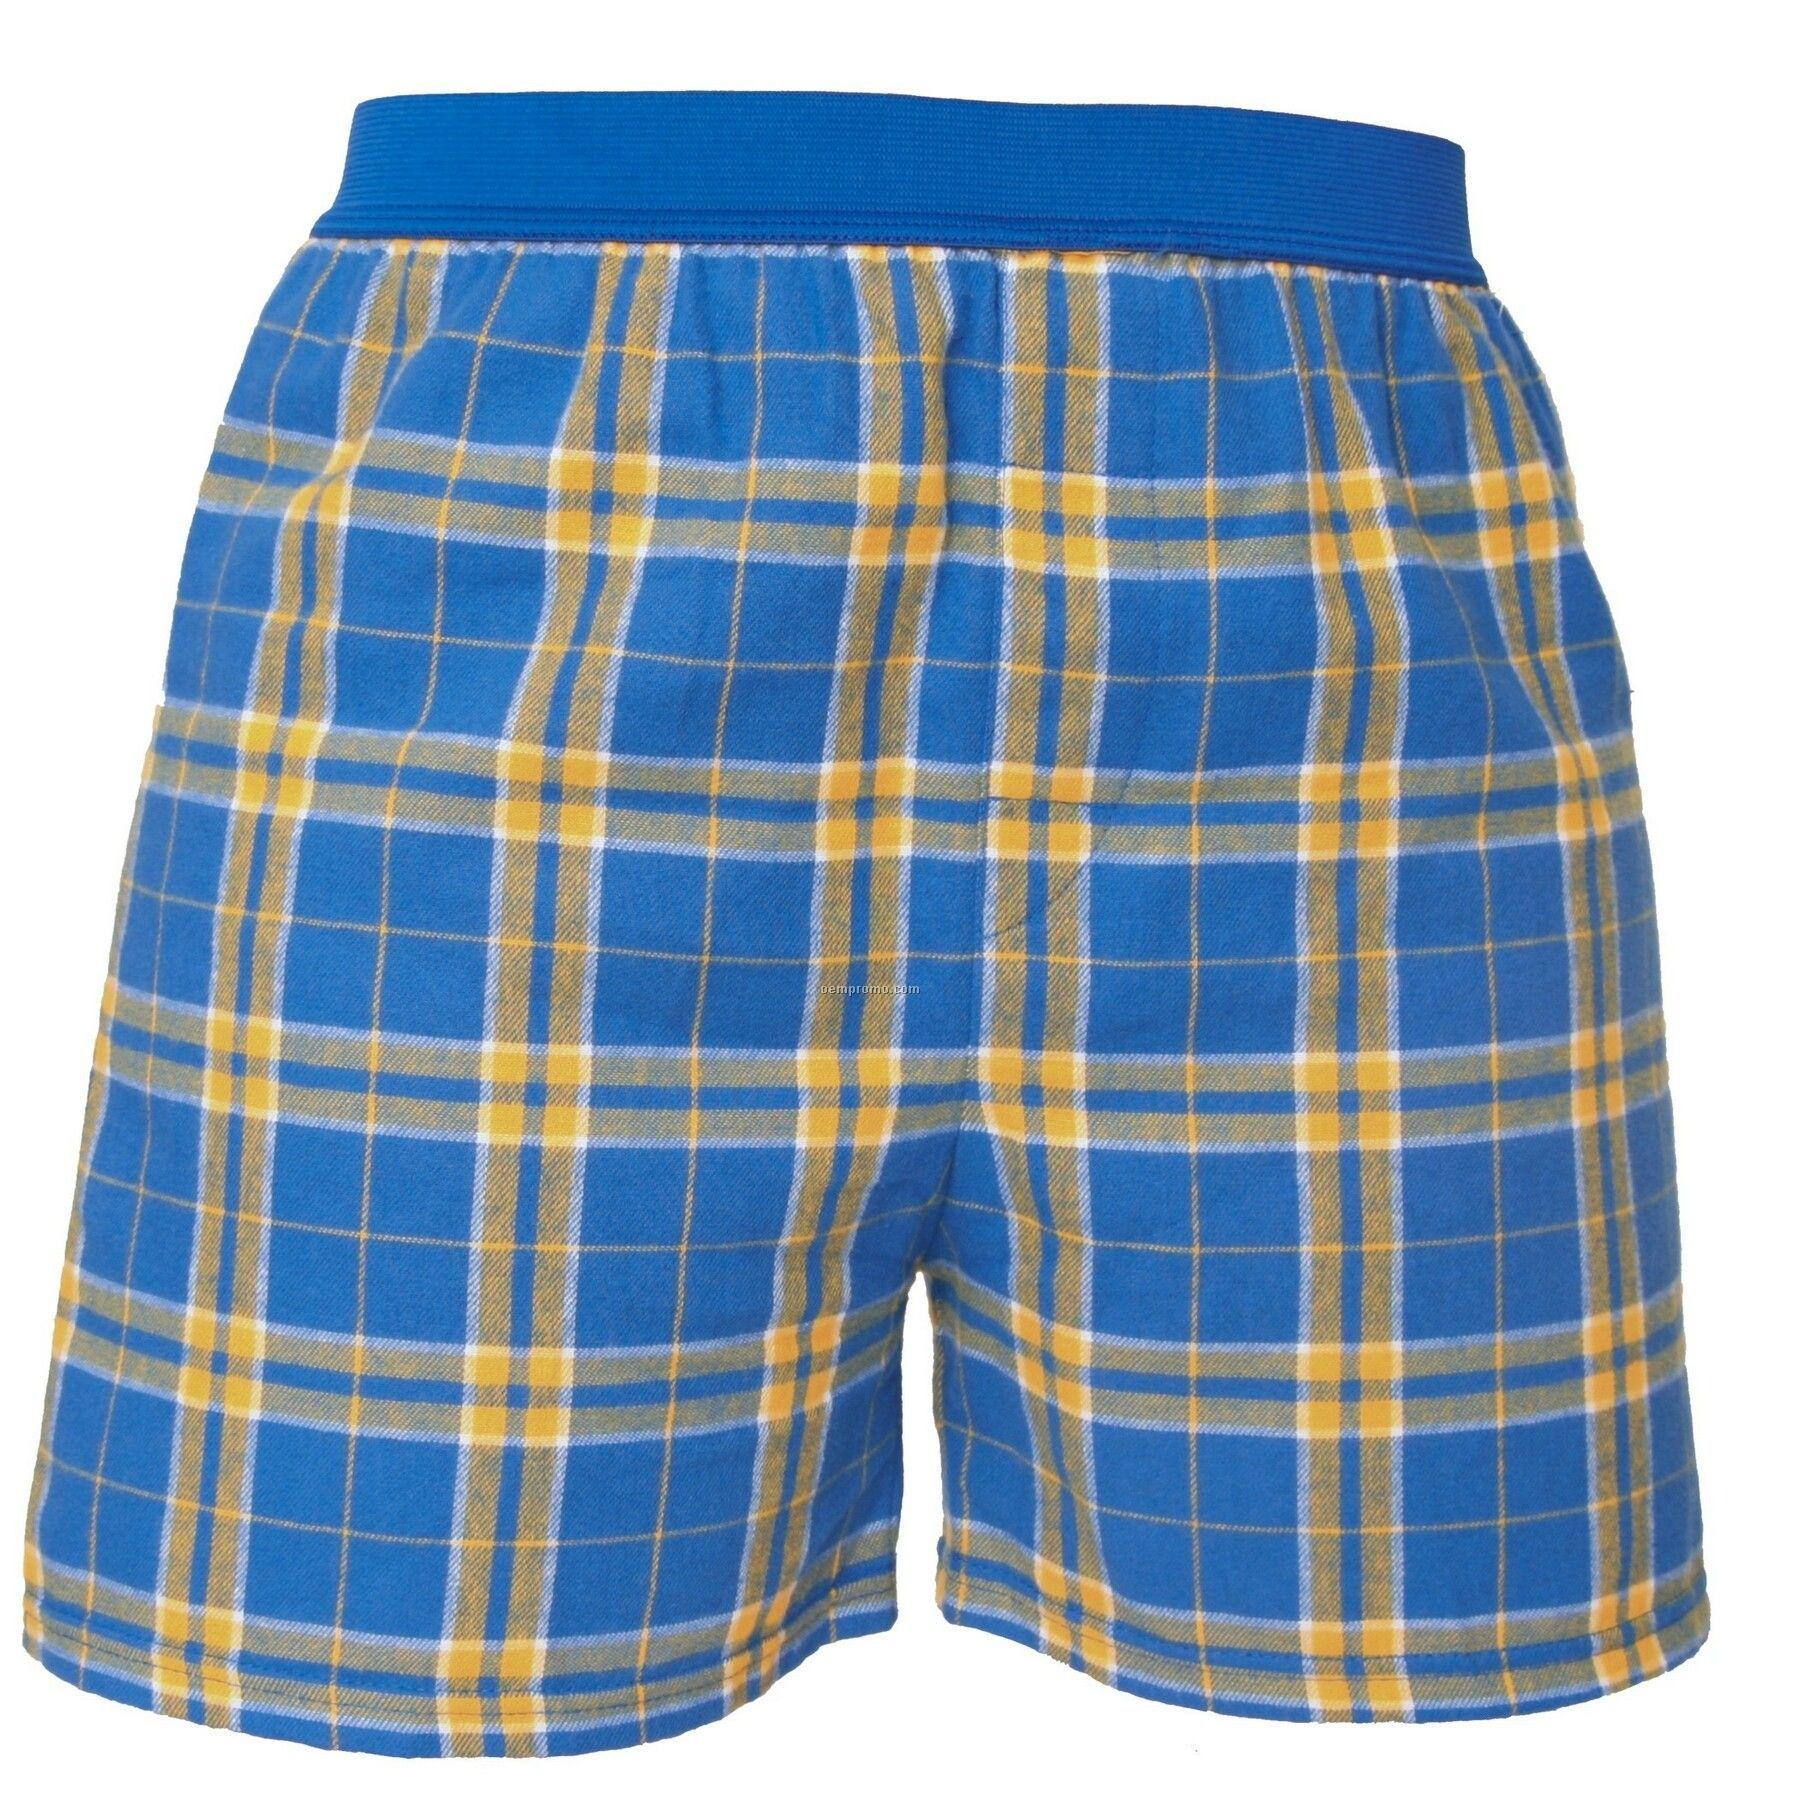 Adult Royal Blue/Gold Plaid Classic Boxer Short